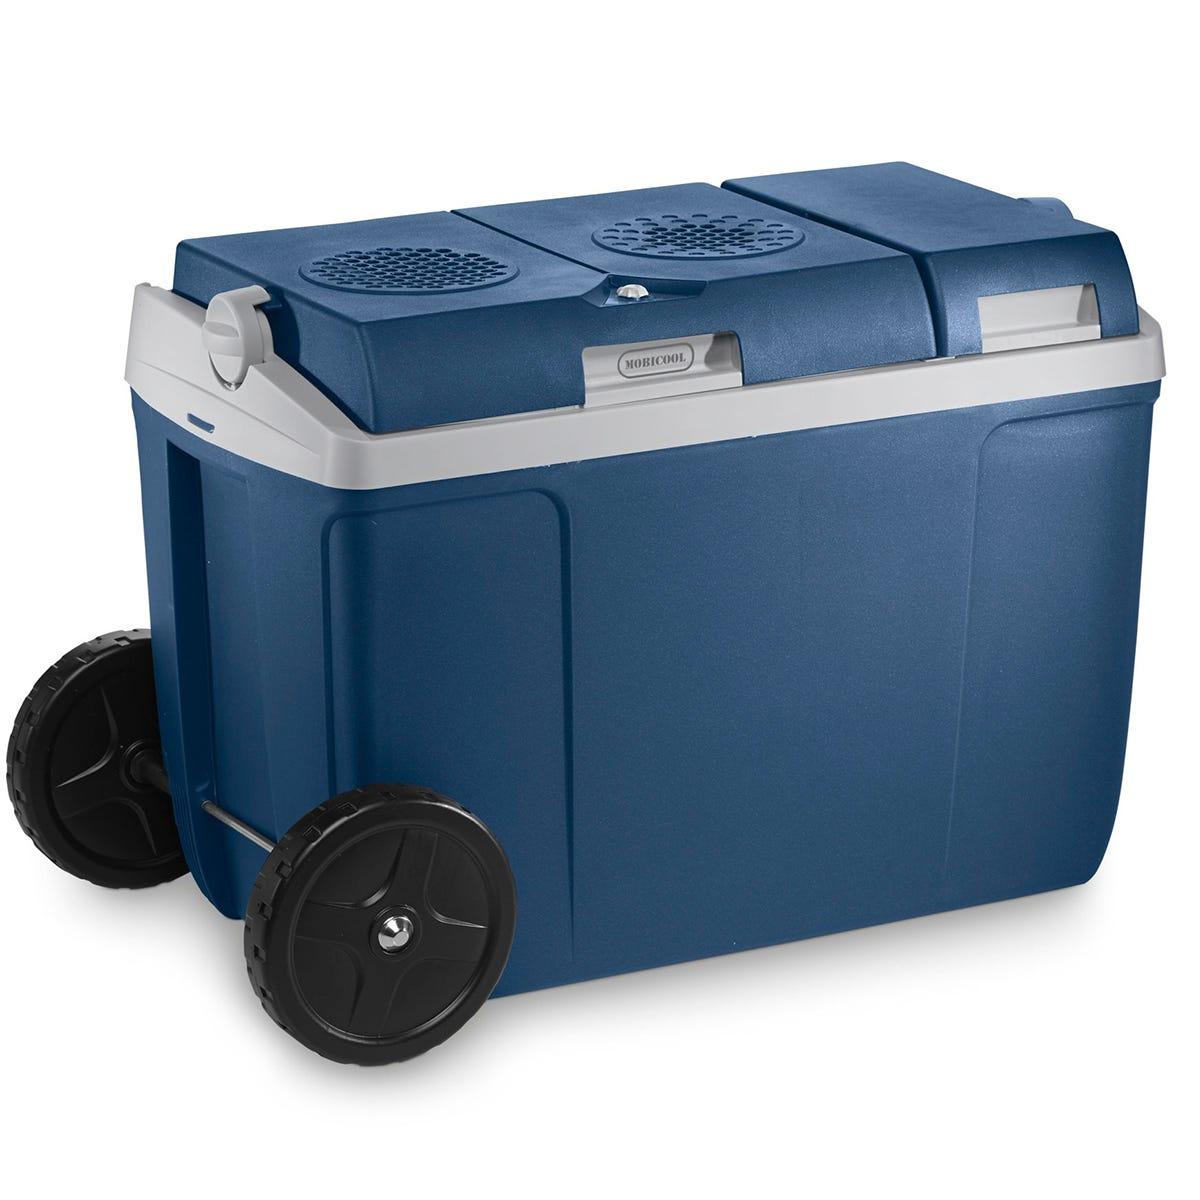 Mobicool W38 Cool Box - 37L